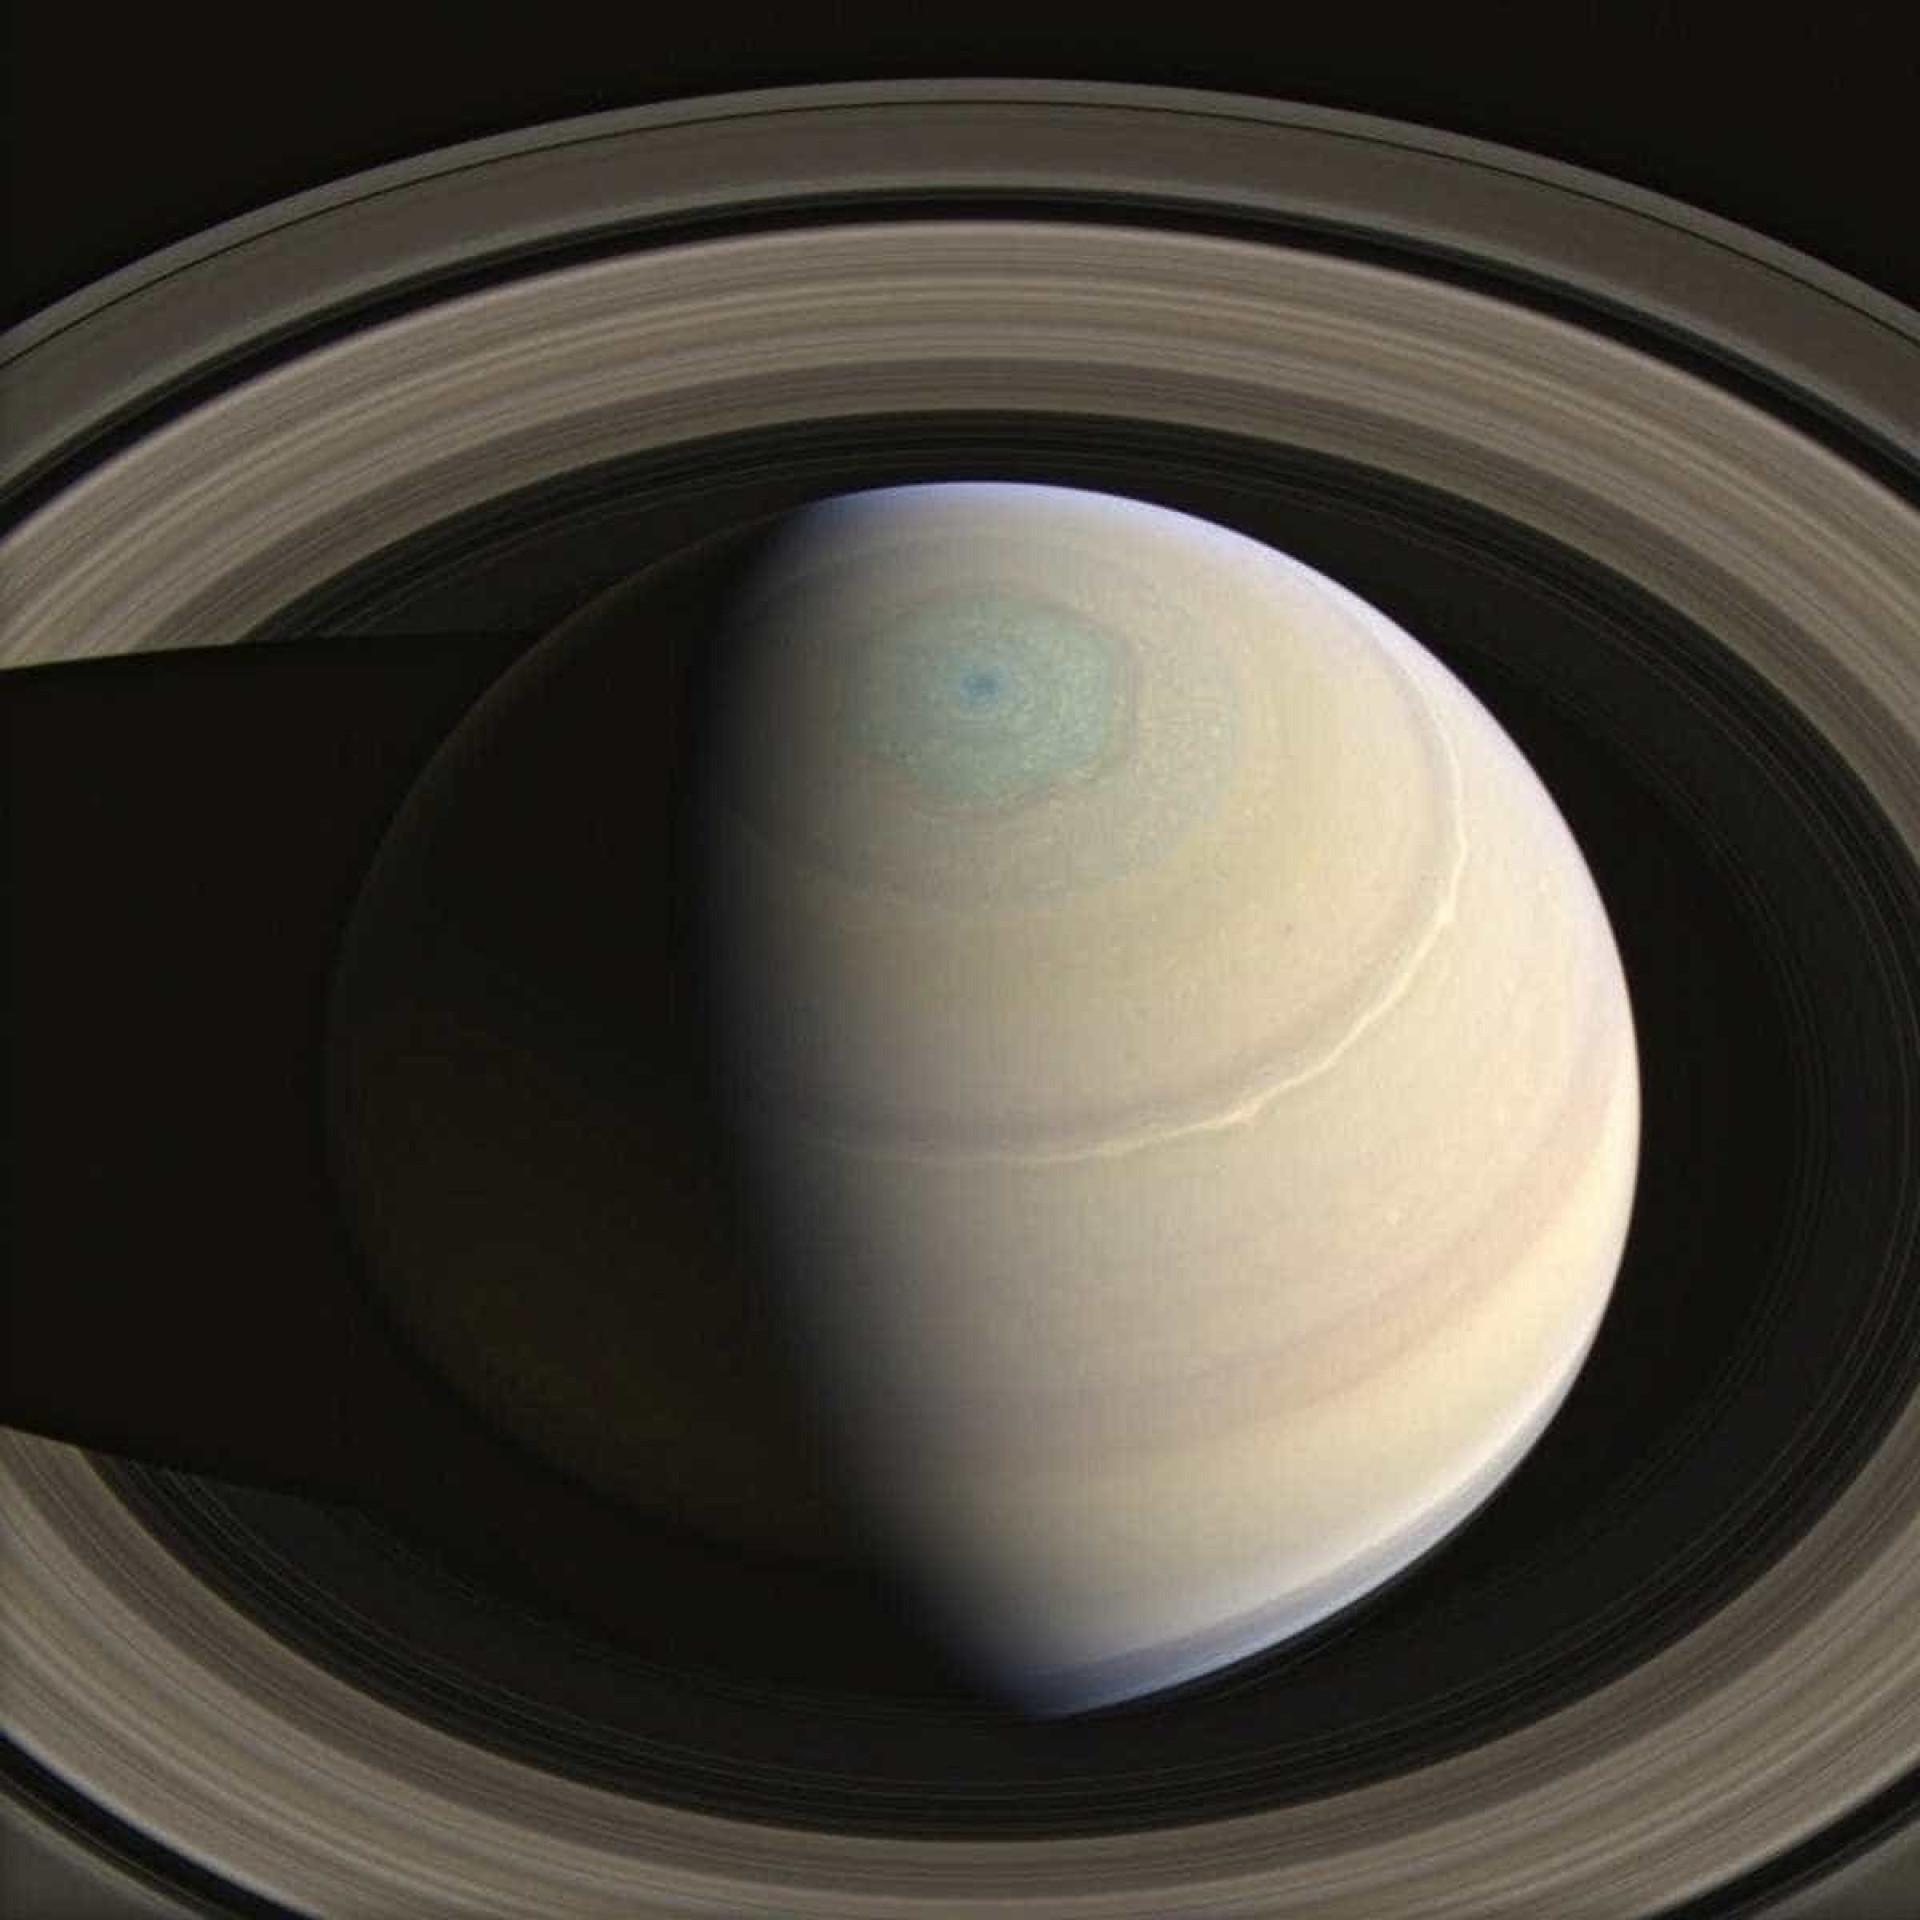 Imagens de veículo espacial mostram ângulos espetaculares de Saturno